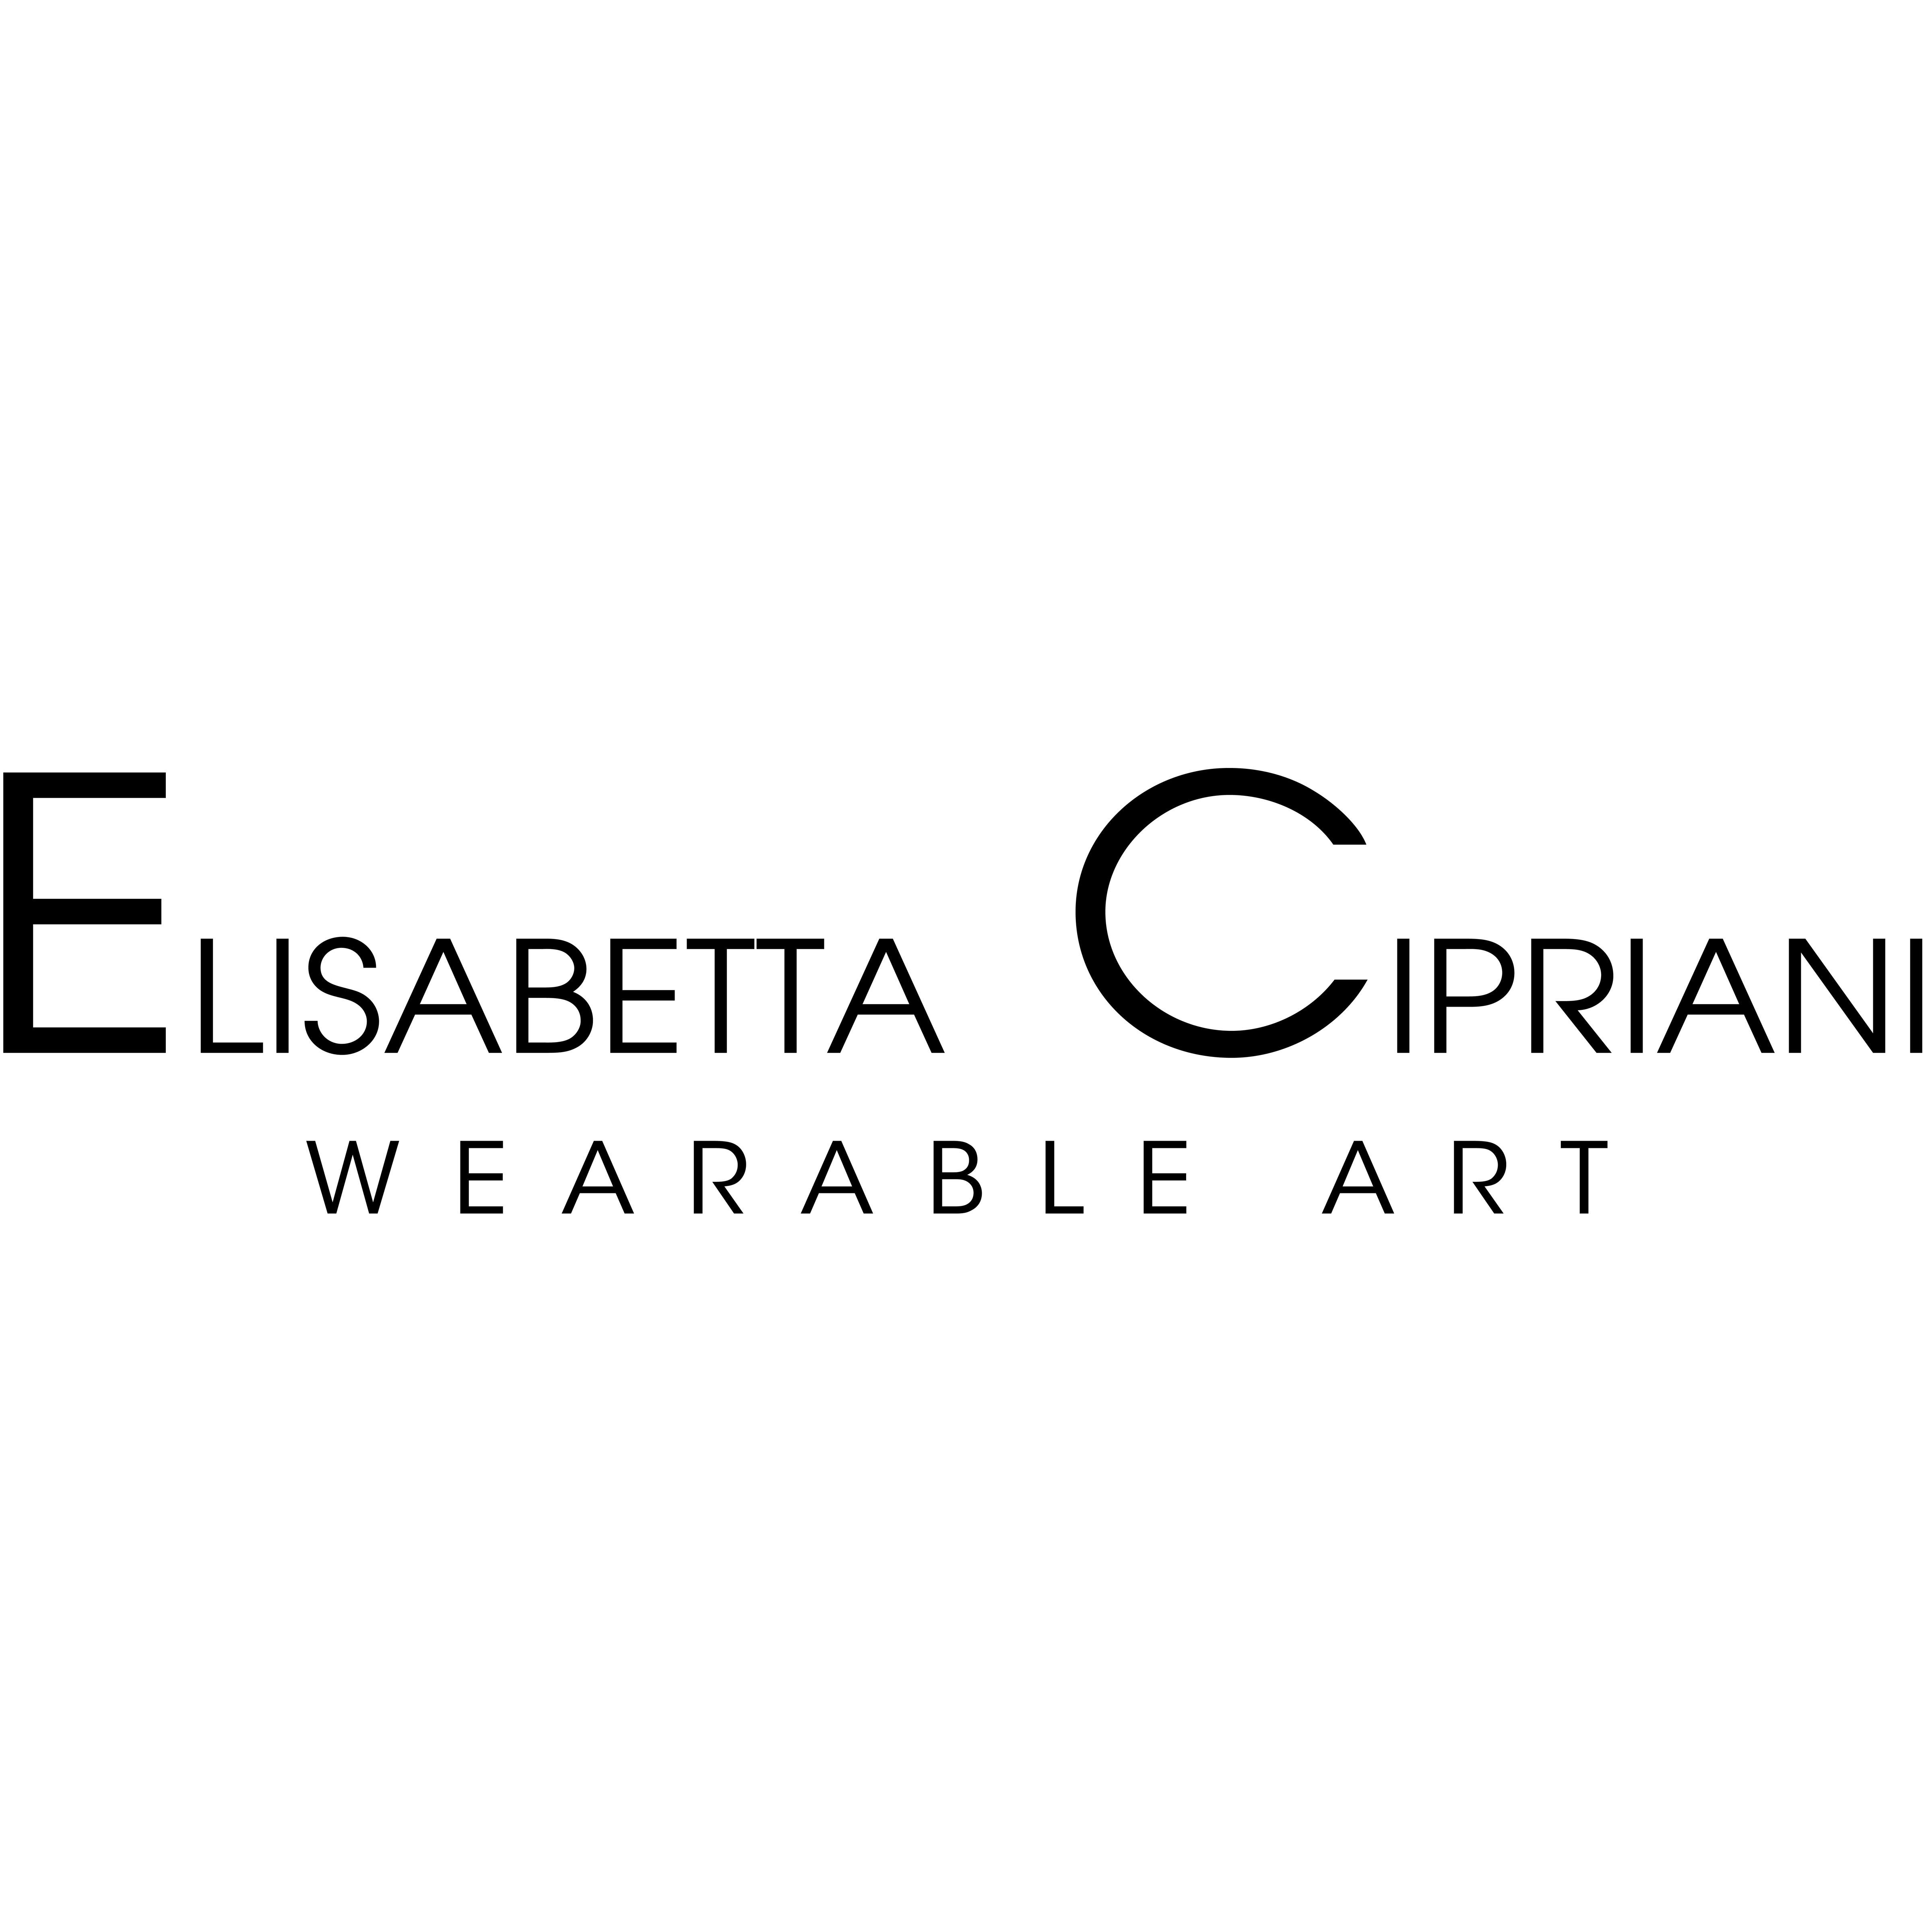 Elisabetta Cipriani